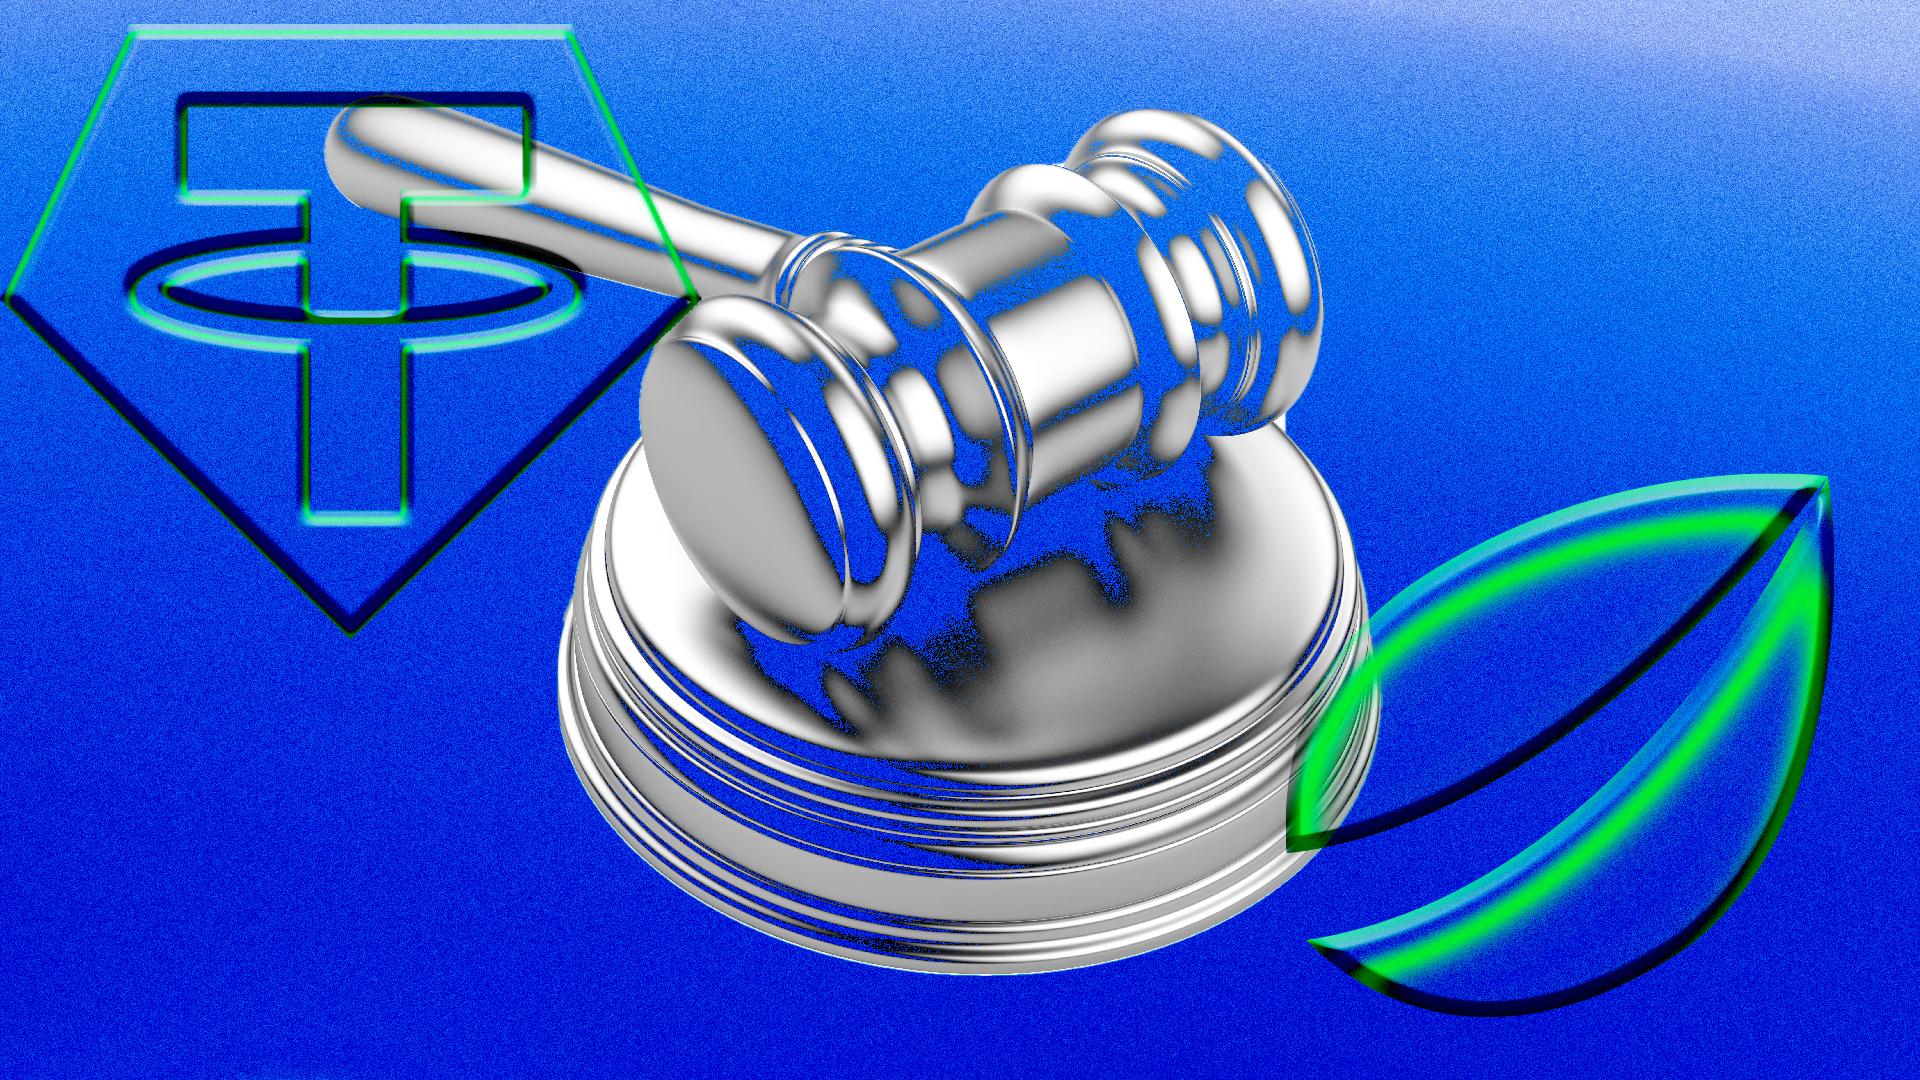 Tether và Bitfinex bị phạt 42,5 triệu USD về vấn đề bảo chứng stablecoin USDT